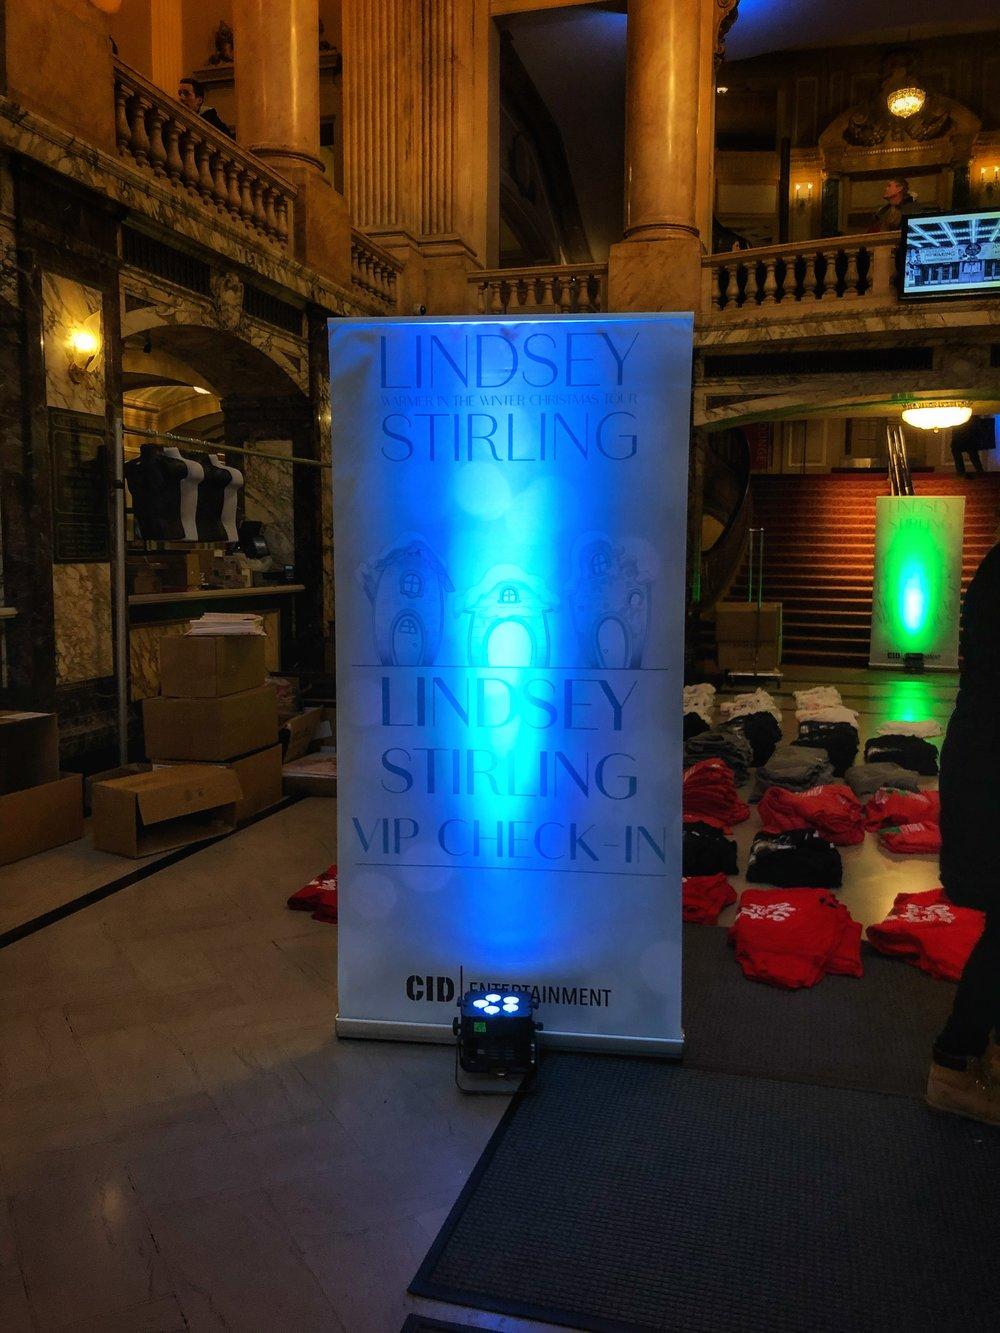 44Lindsey_Stirling_Concert_Chicago.jpg